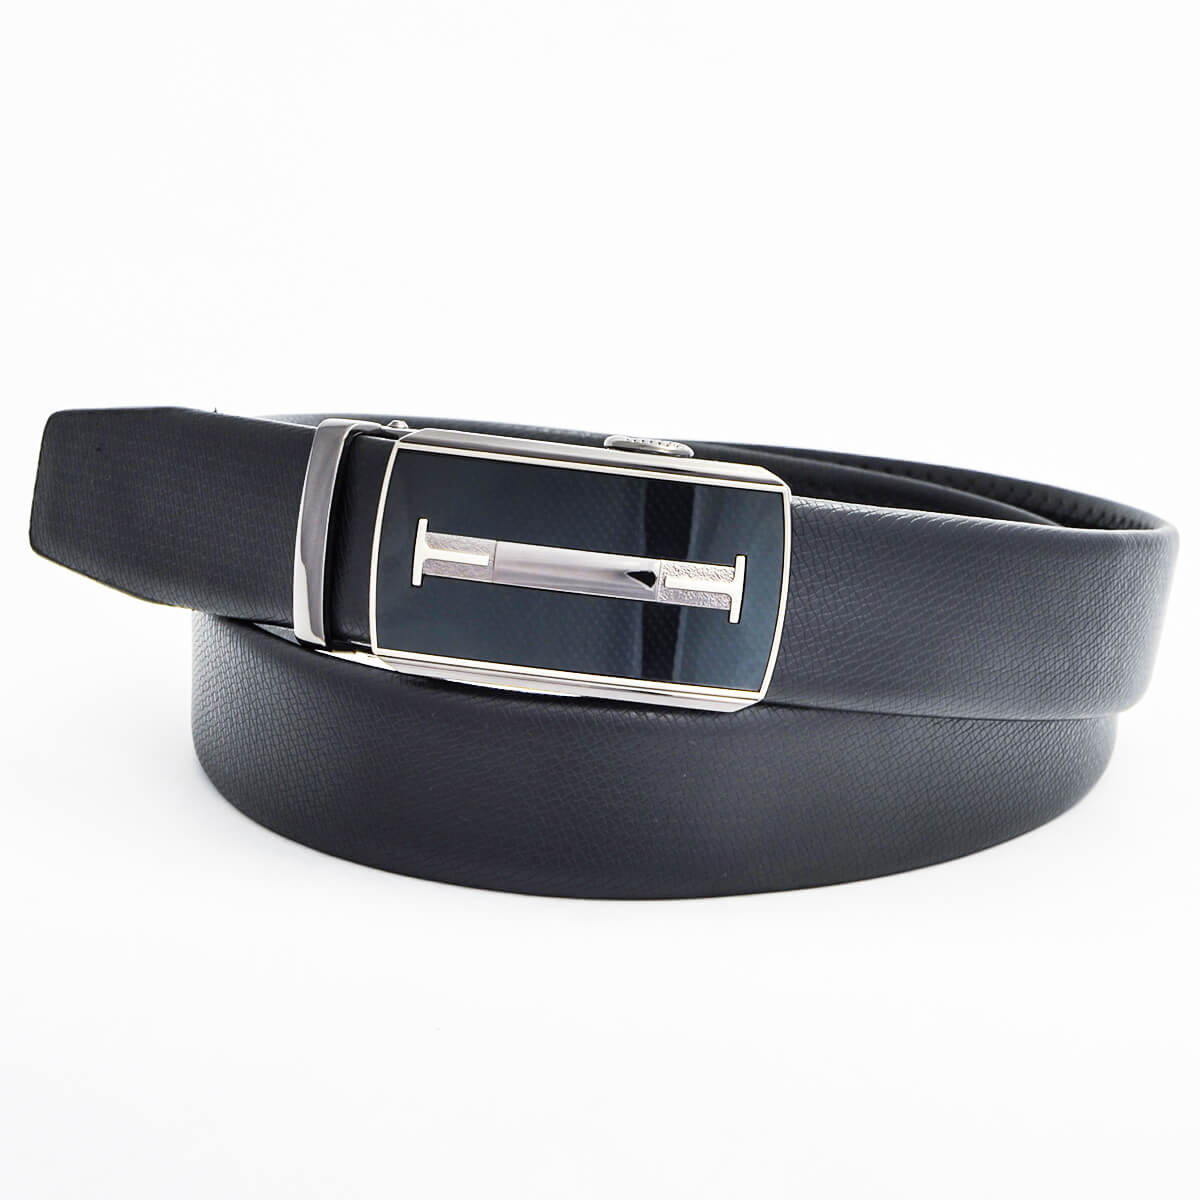 Pánsky kožený opasok - čierny vzor 2, veľkosť 44 (dĺžka 110 cm)